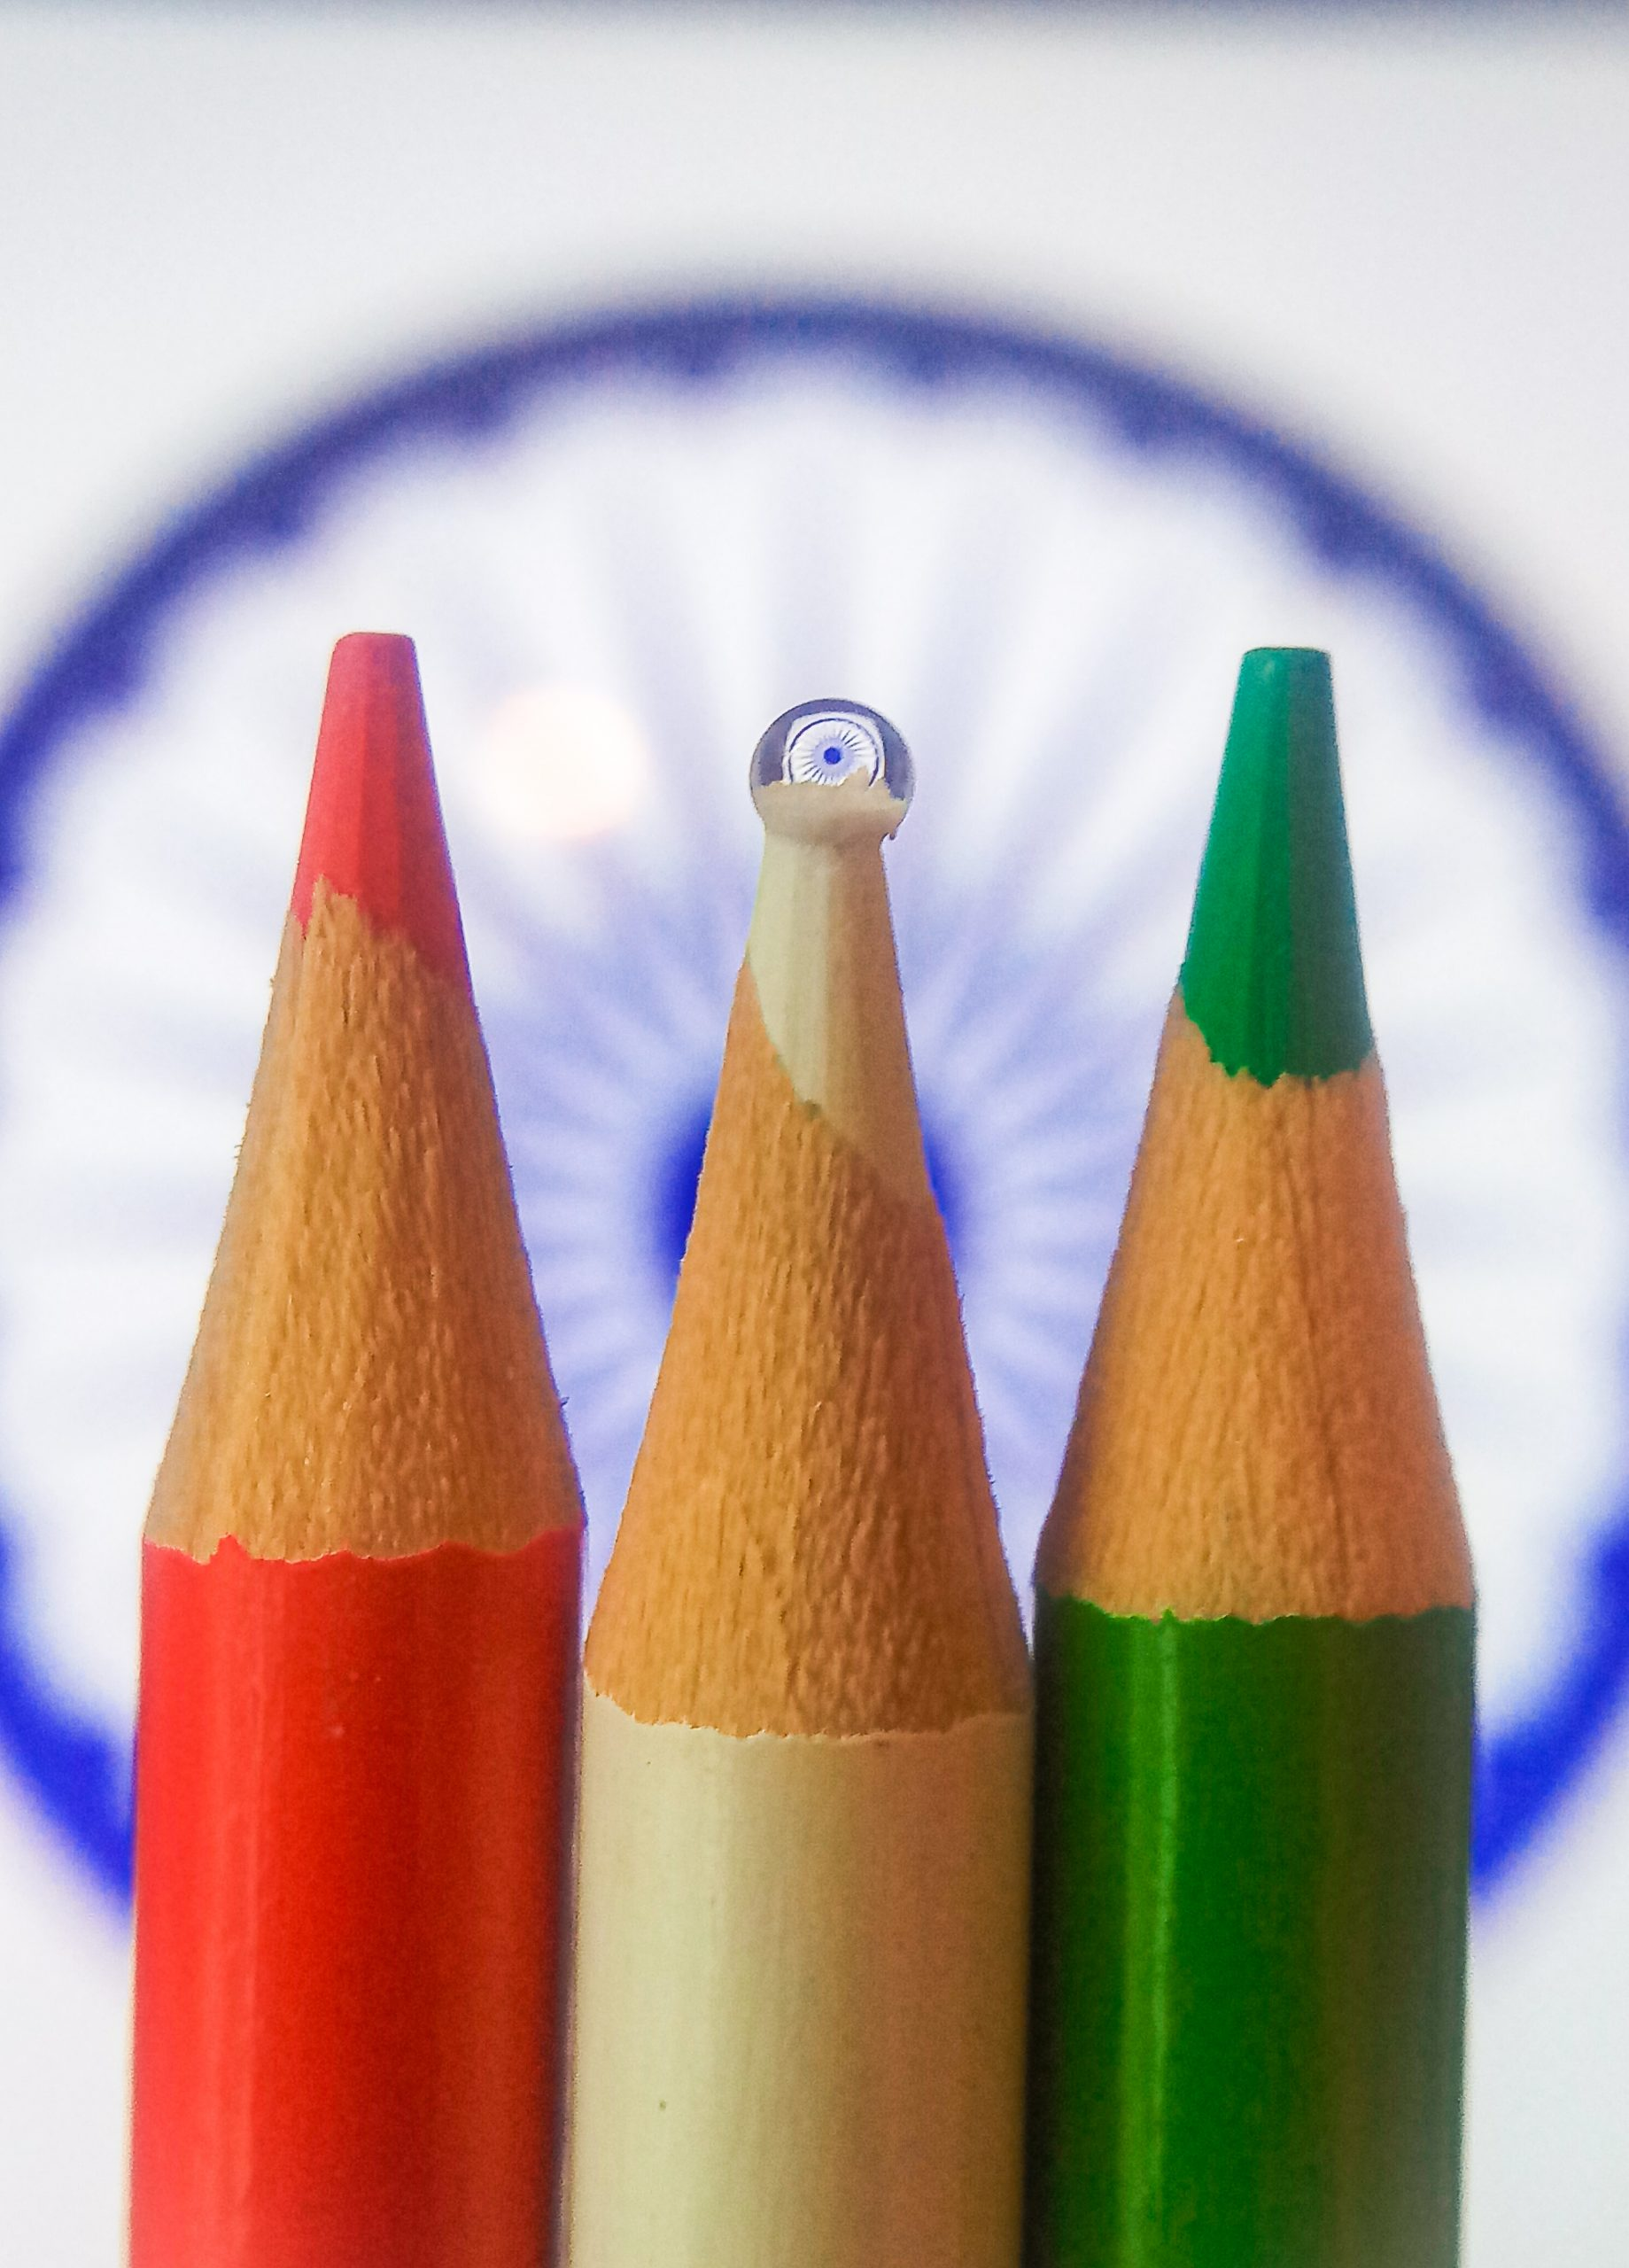 Ashok chakra behind color pencils